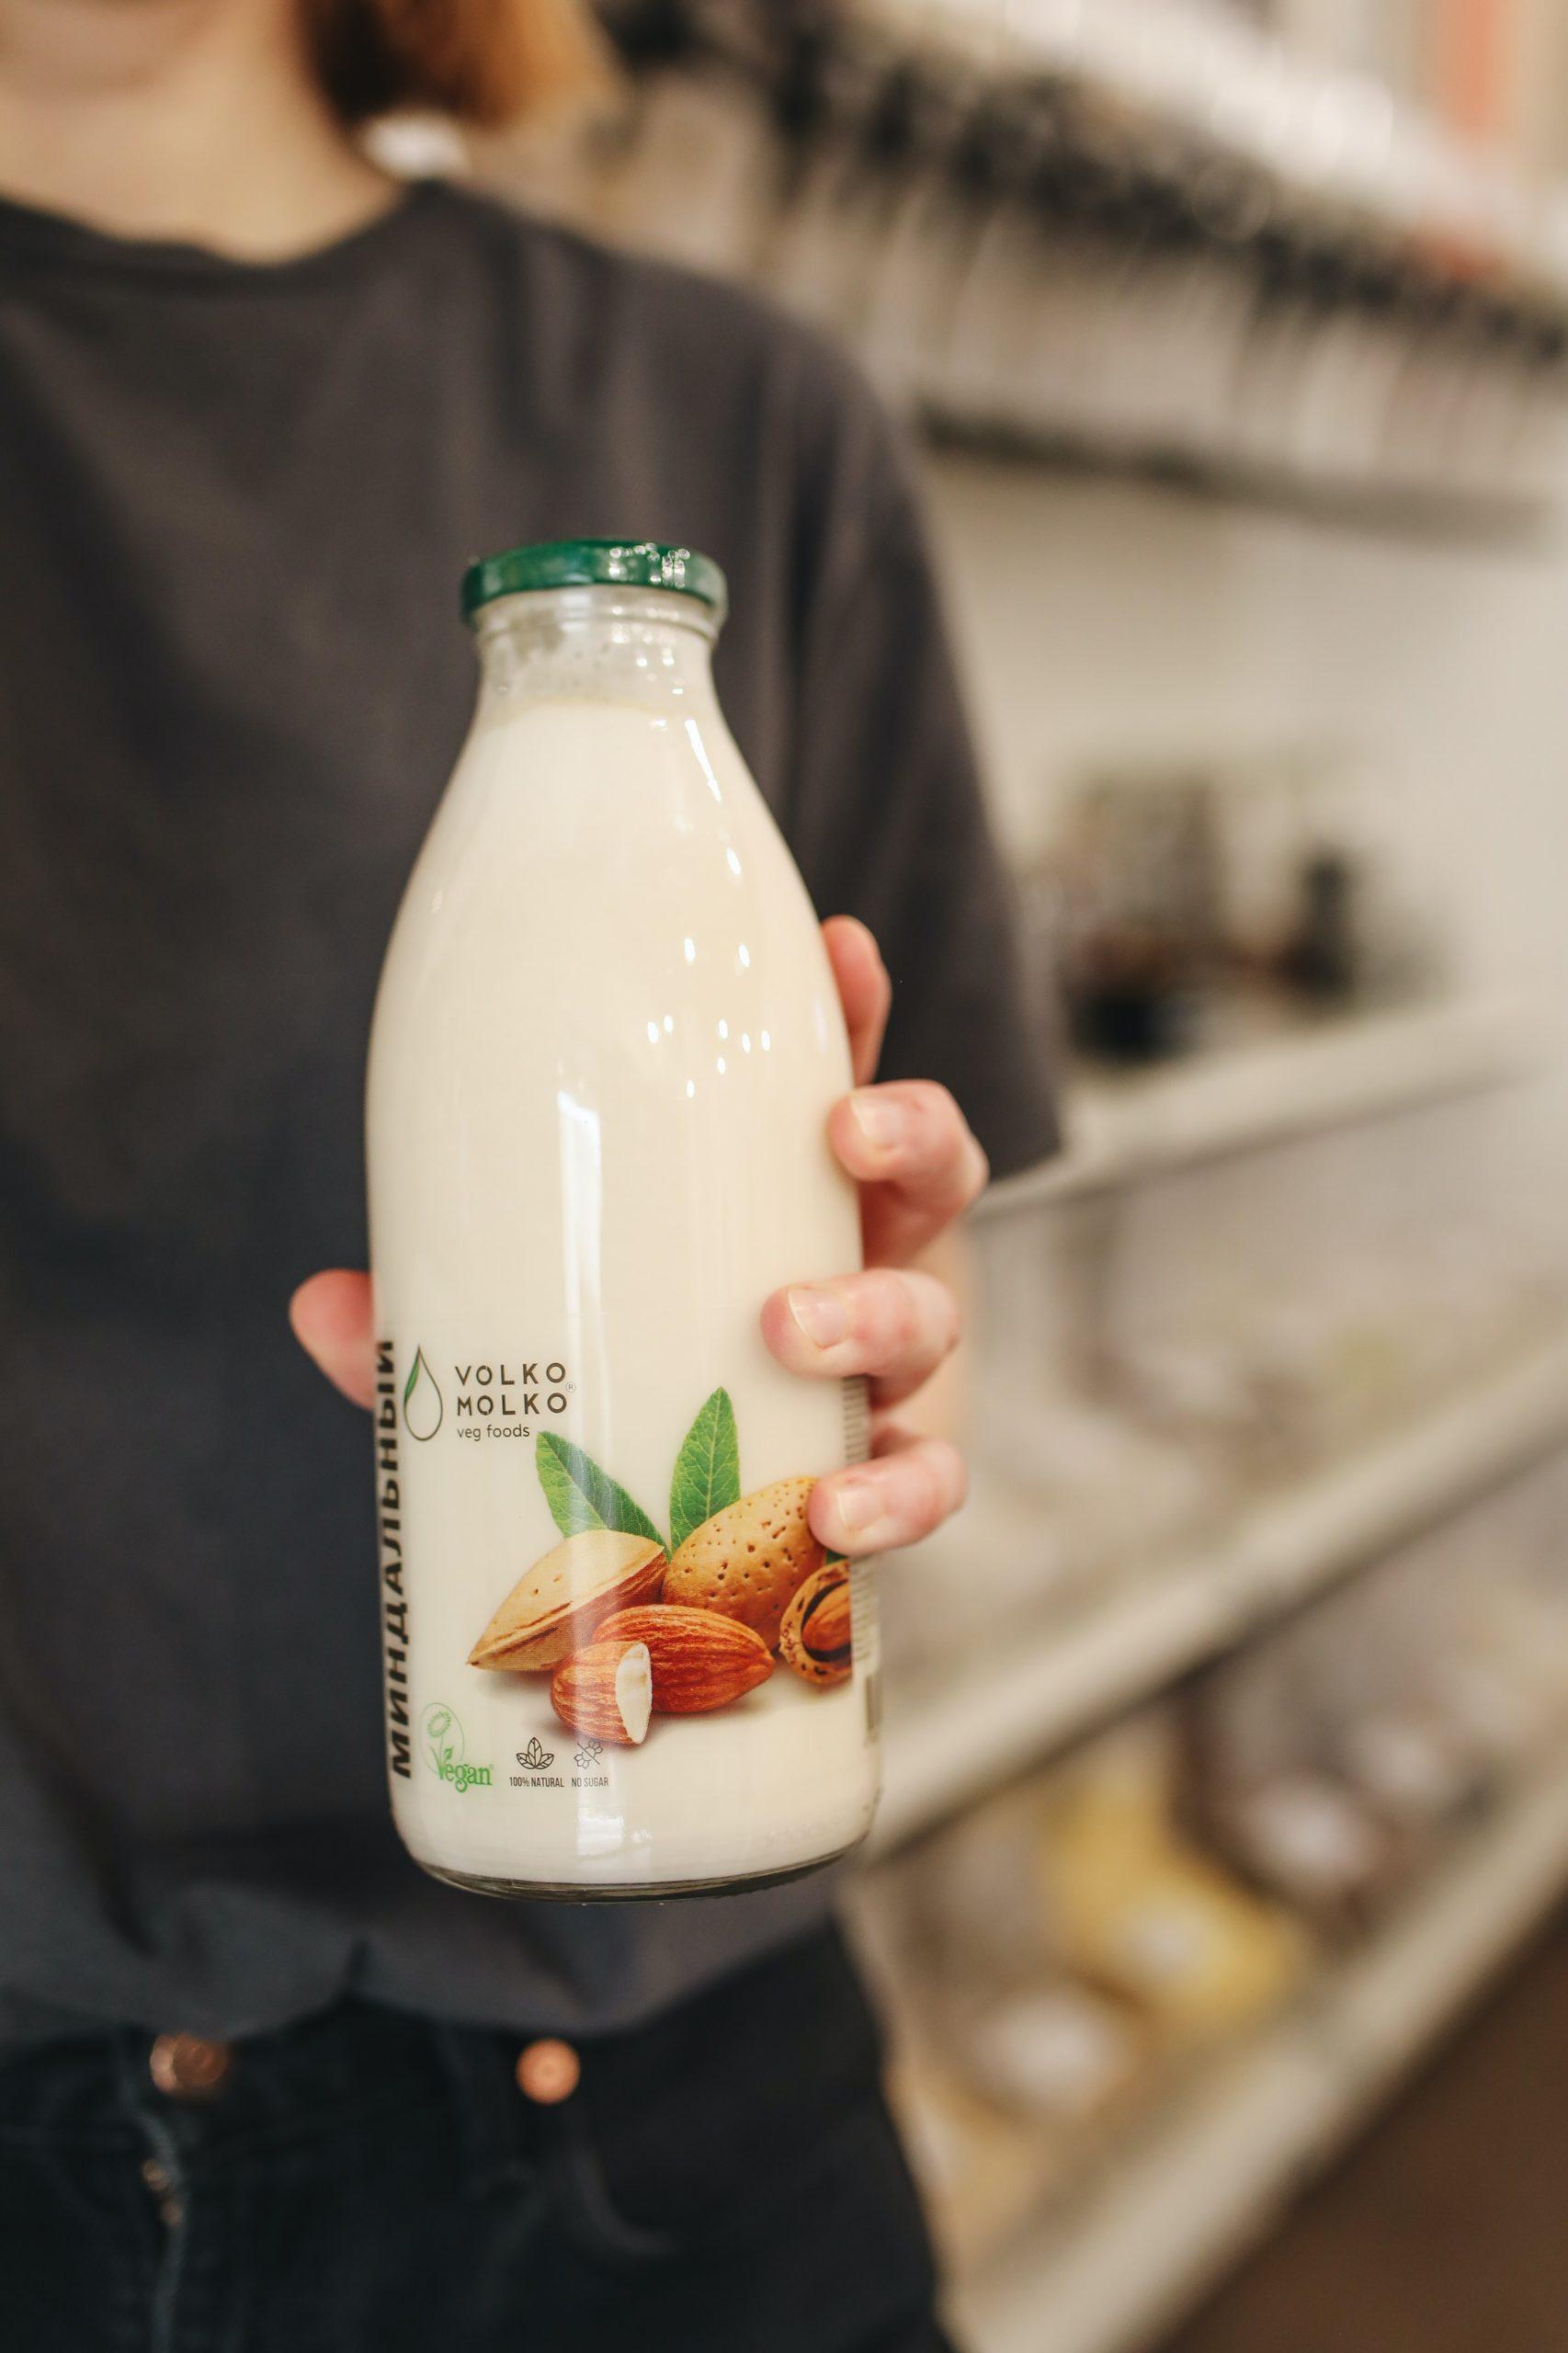 Pflanzenmilch